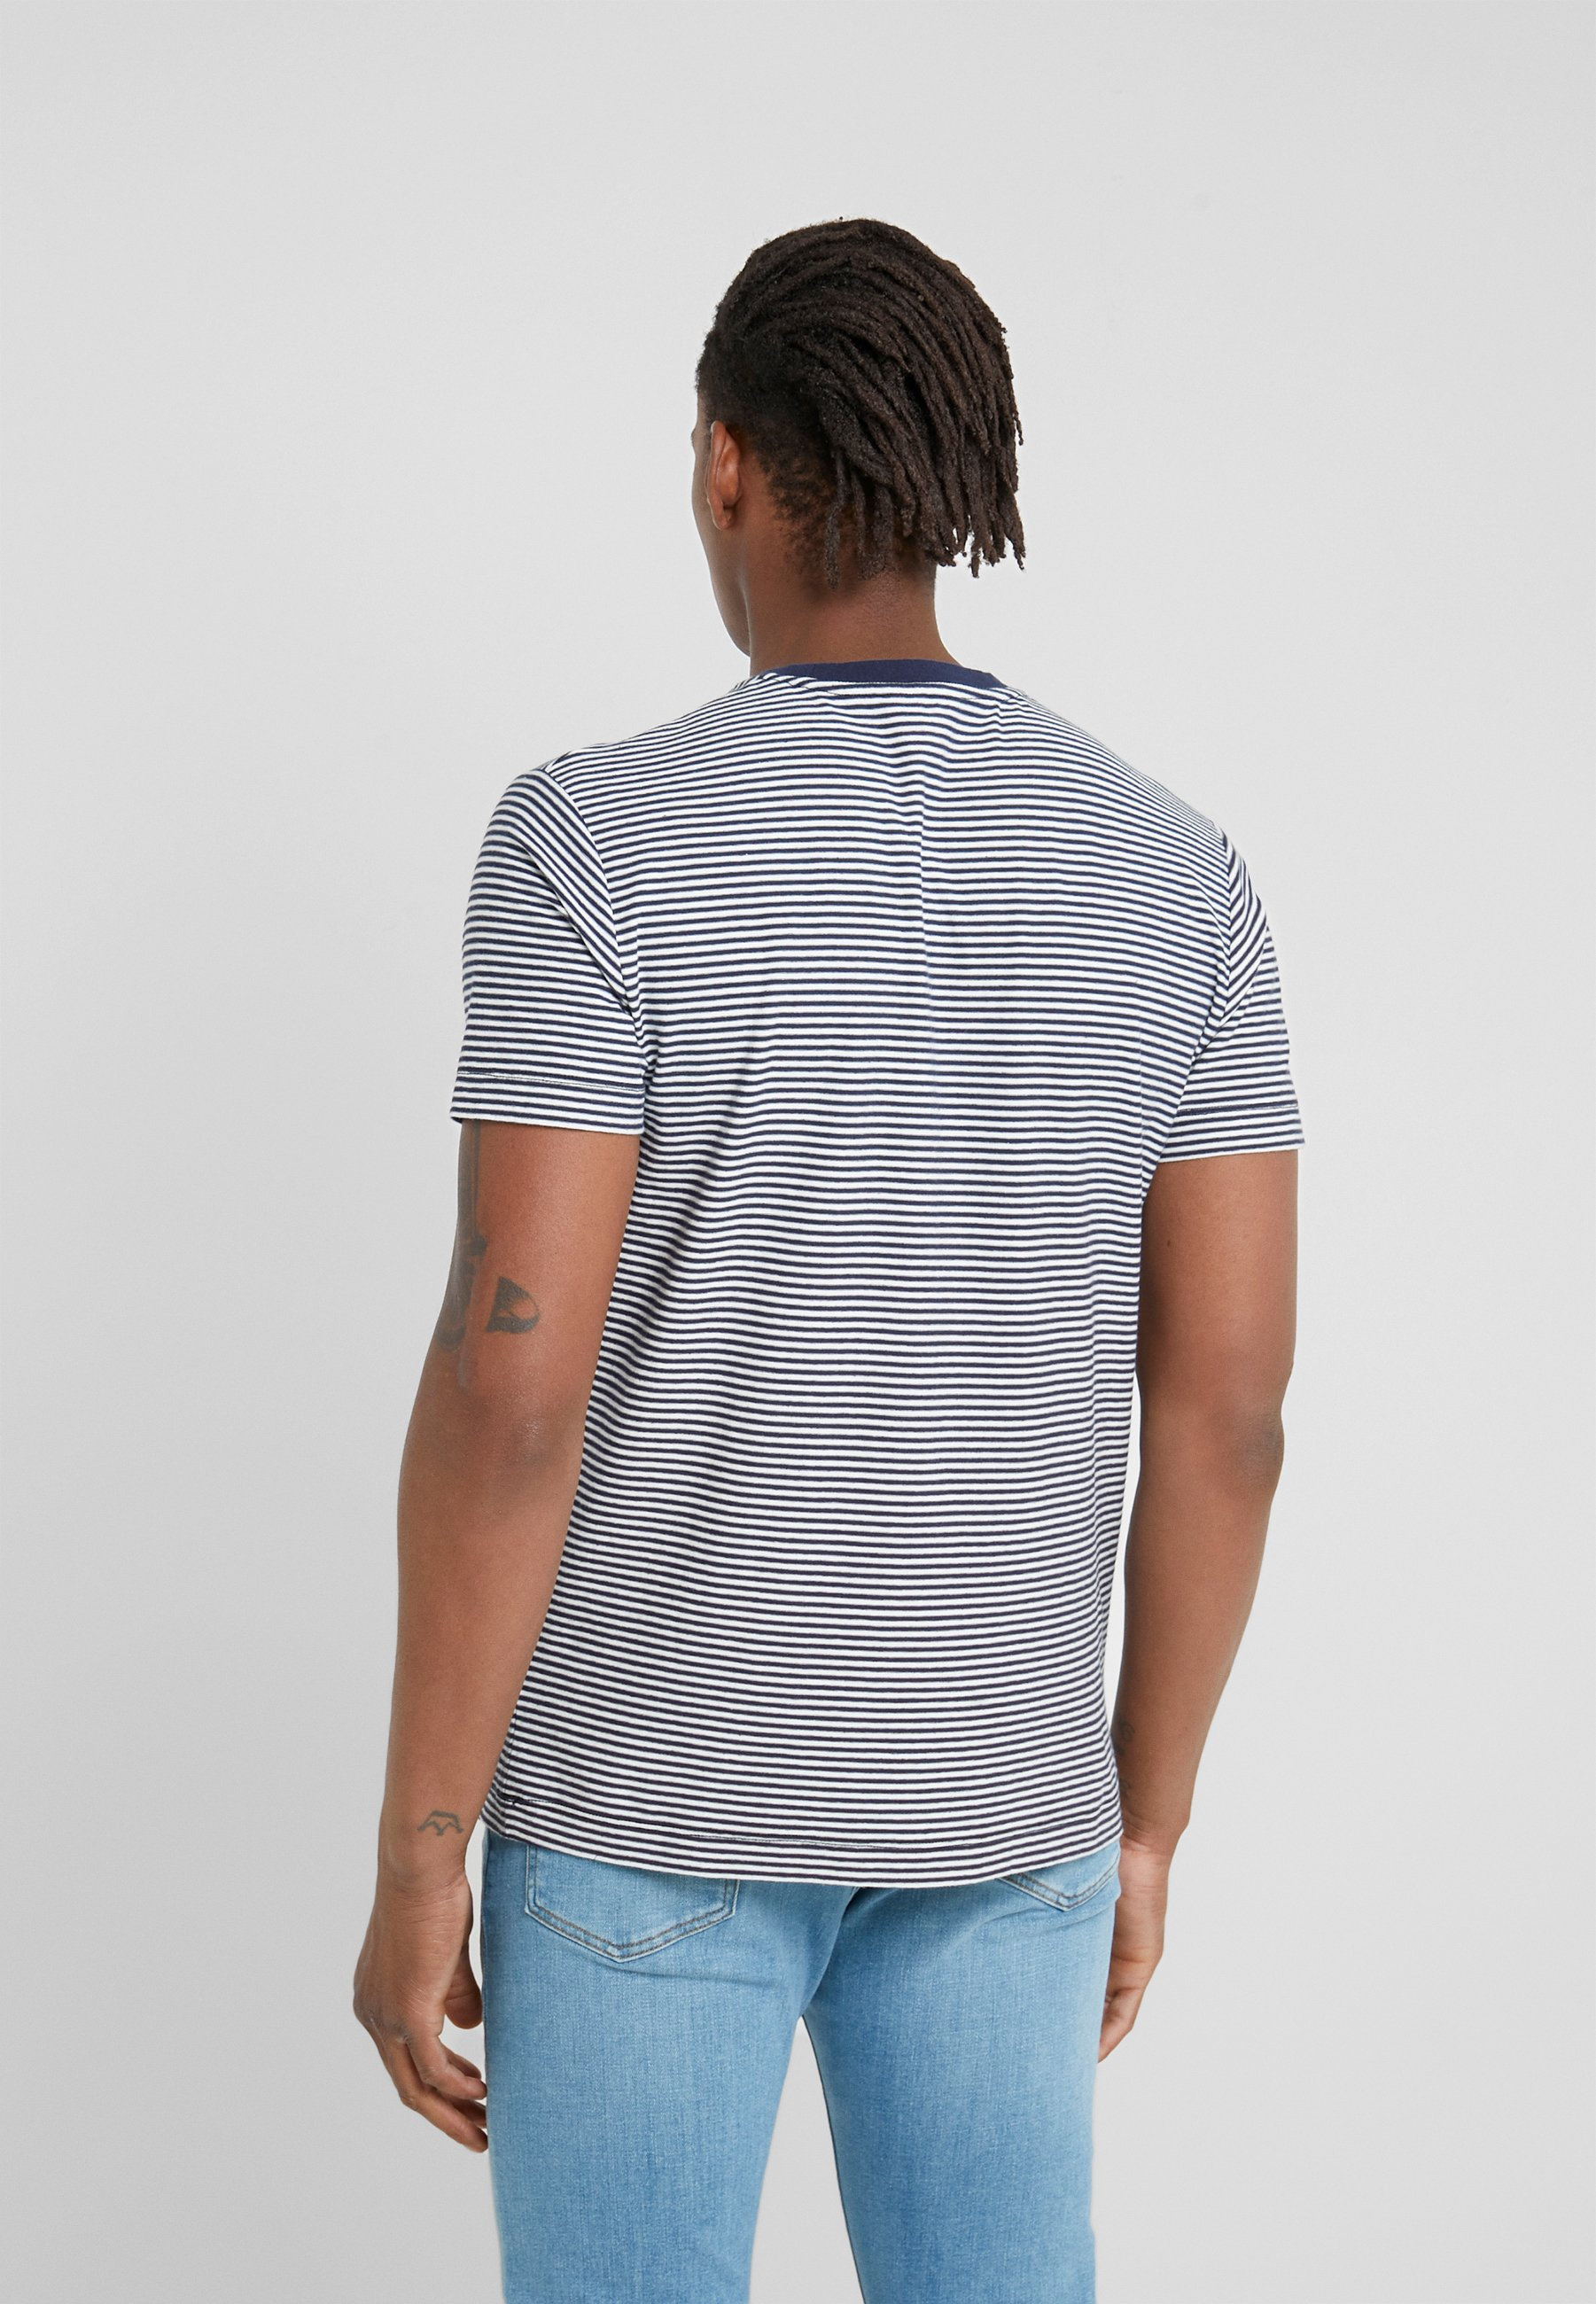 HKT by Hackett T-shirt z nadrukiem - sea blue